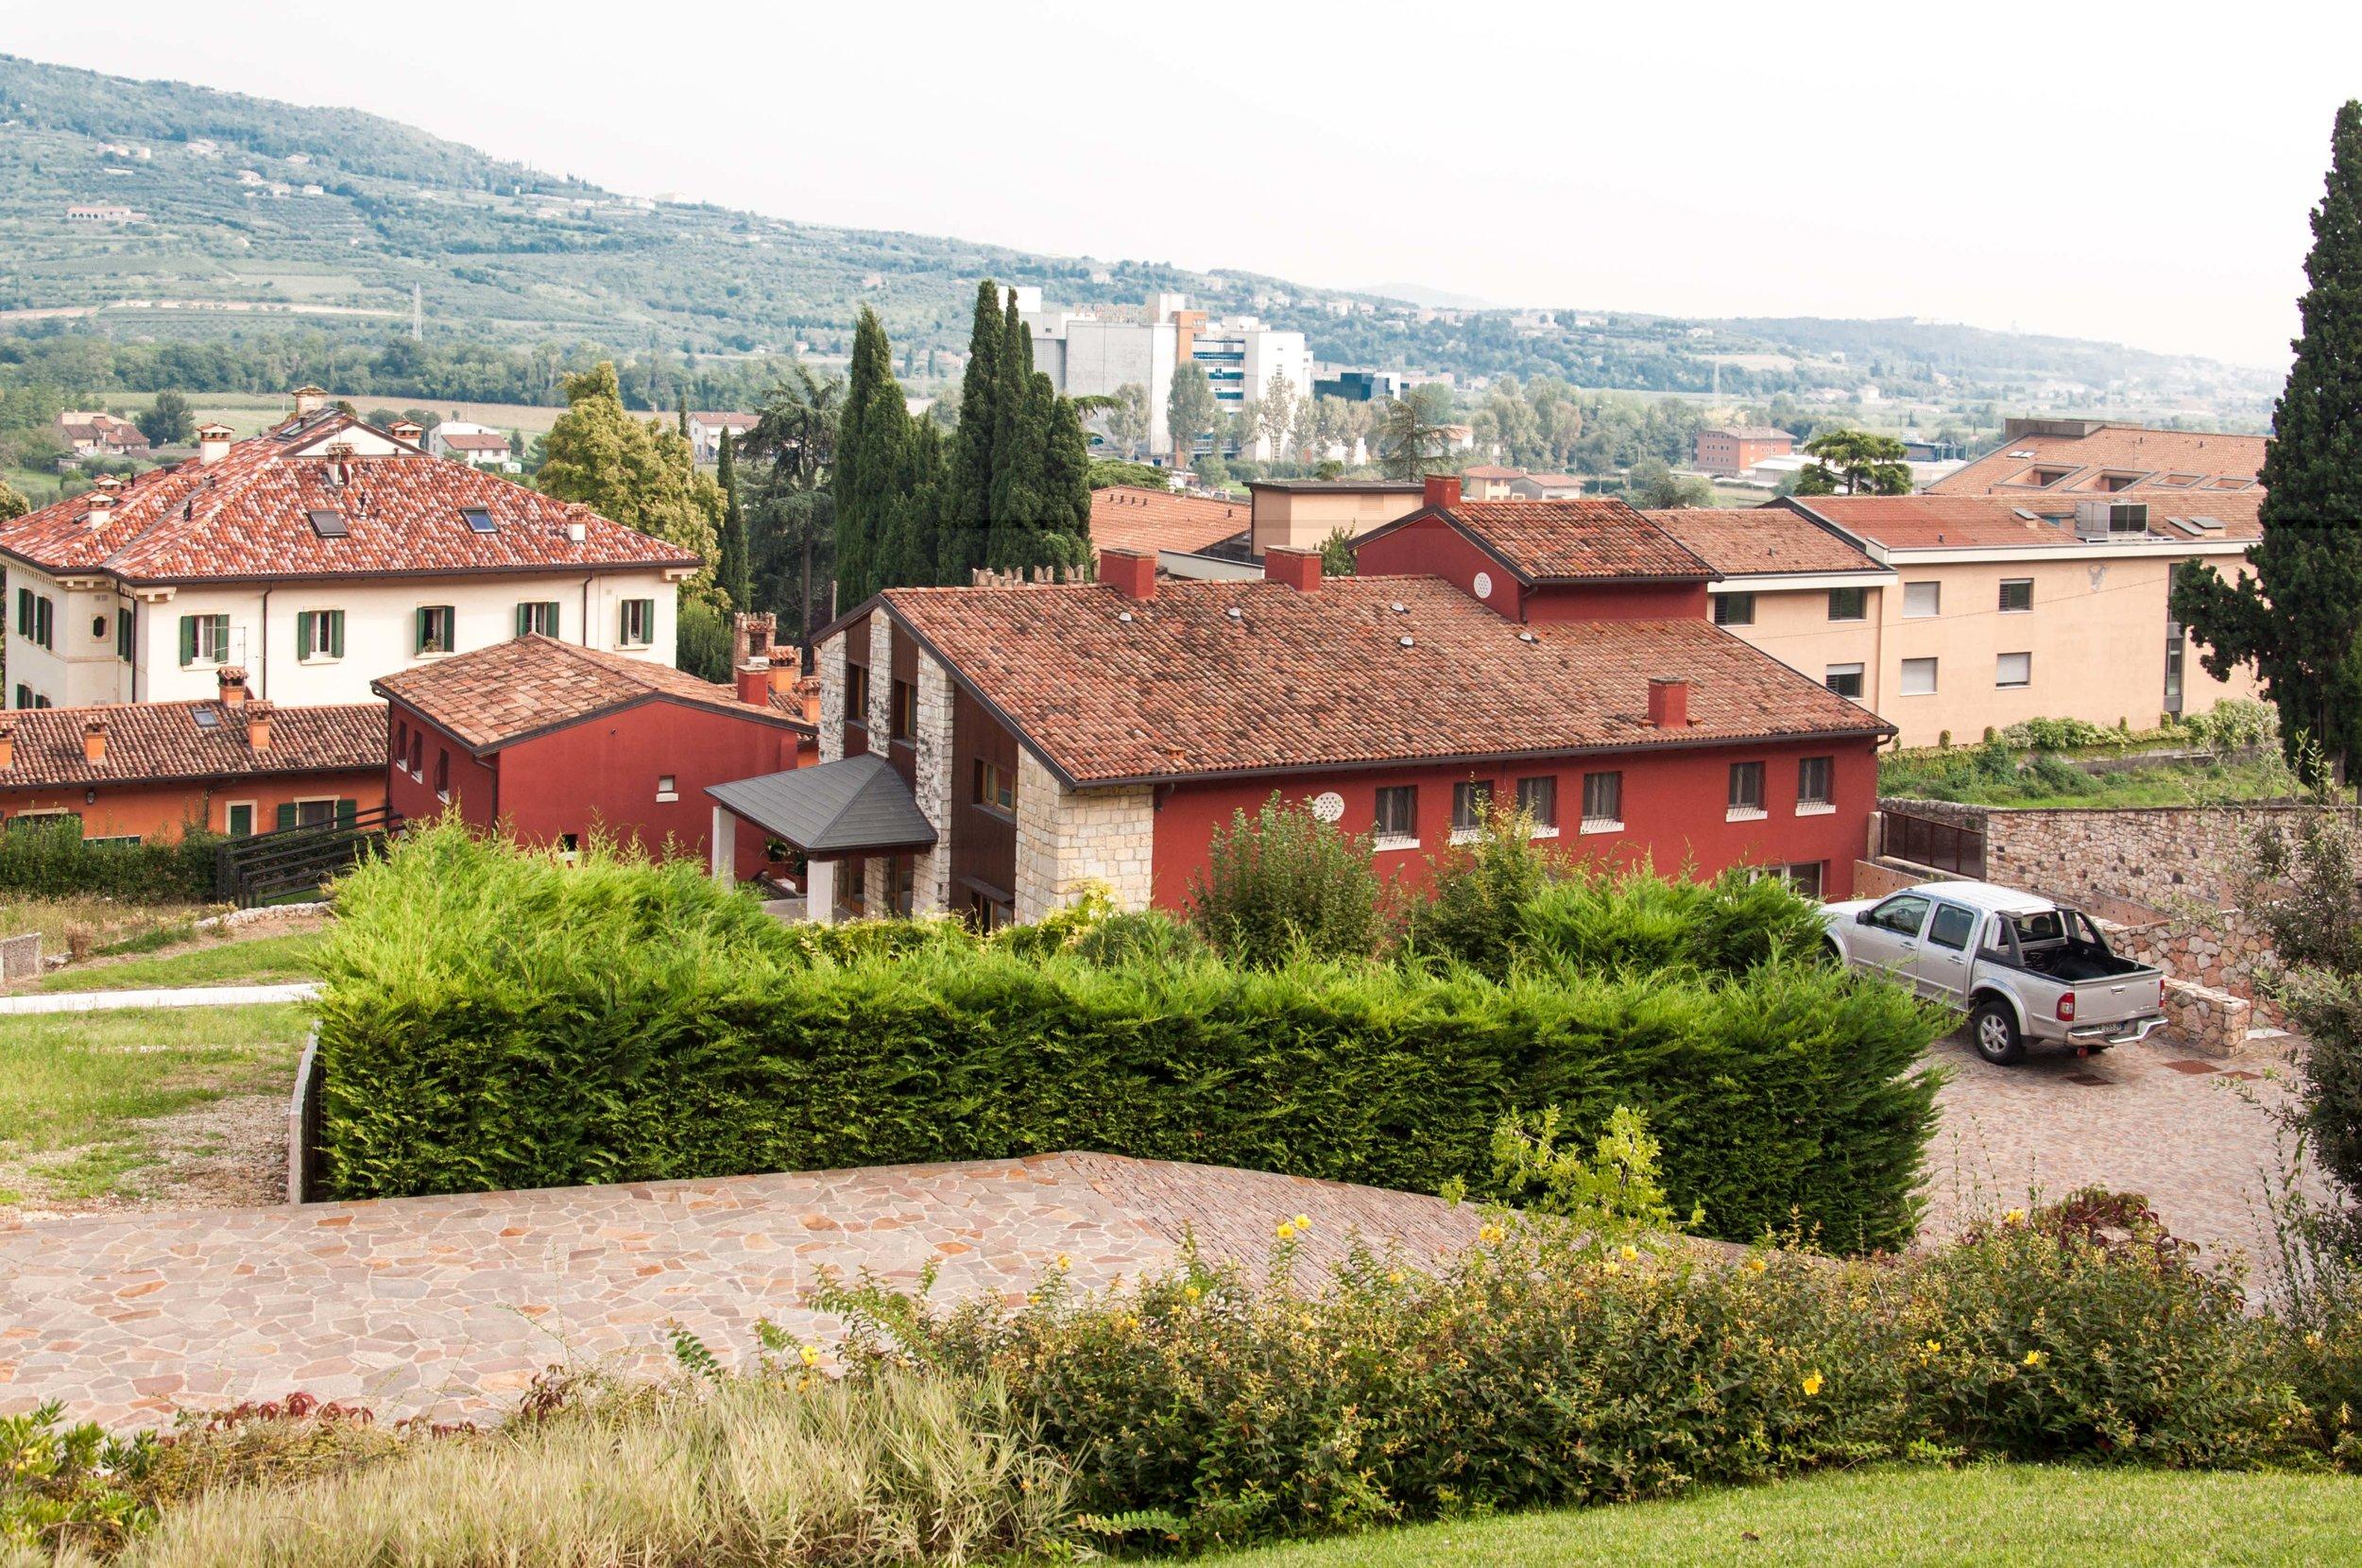 Colle-degli-Ulivi-5.jpg